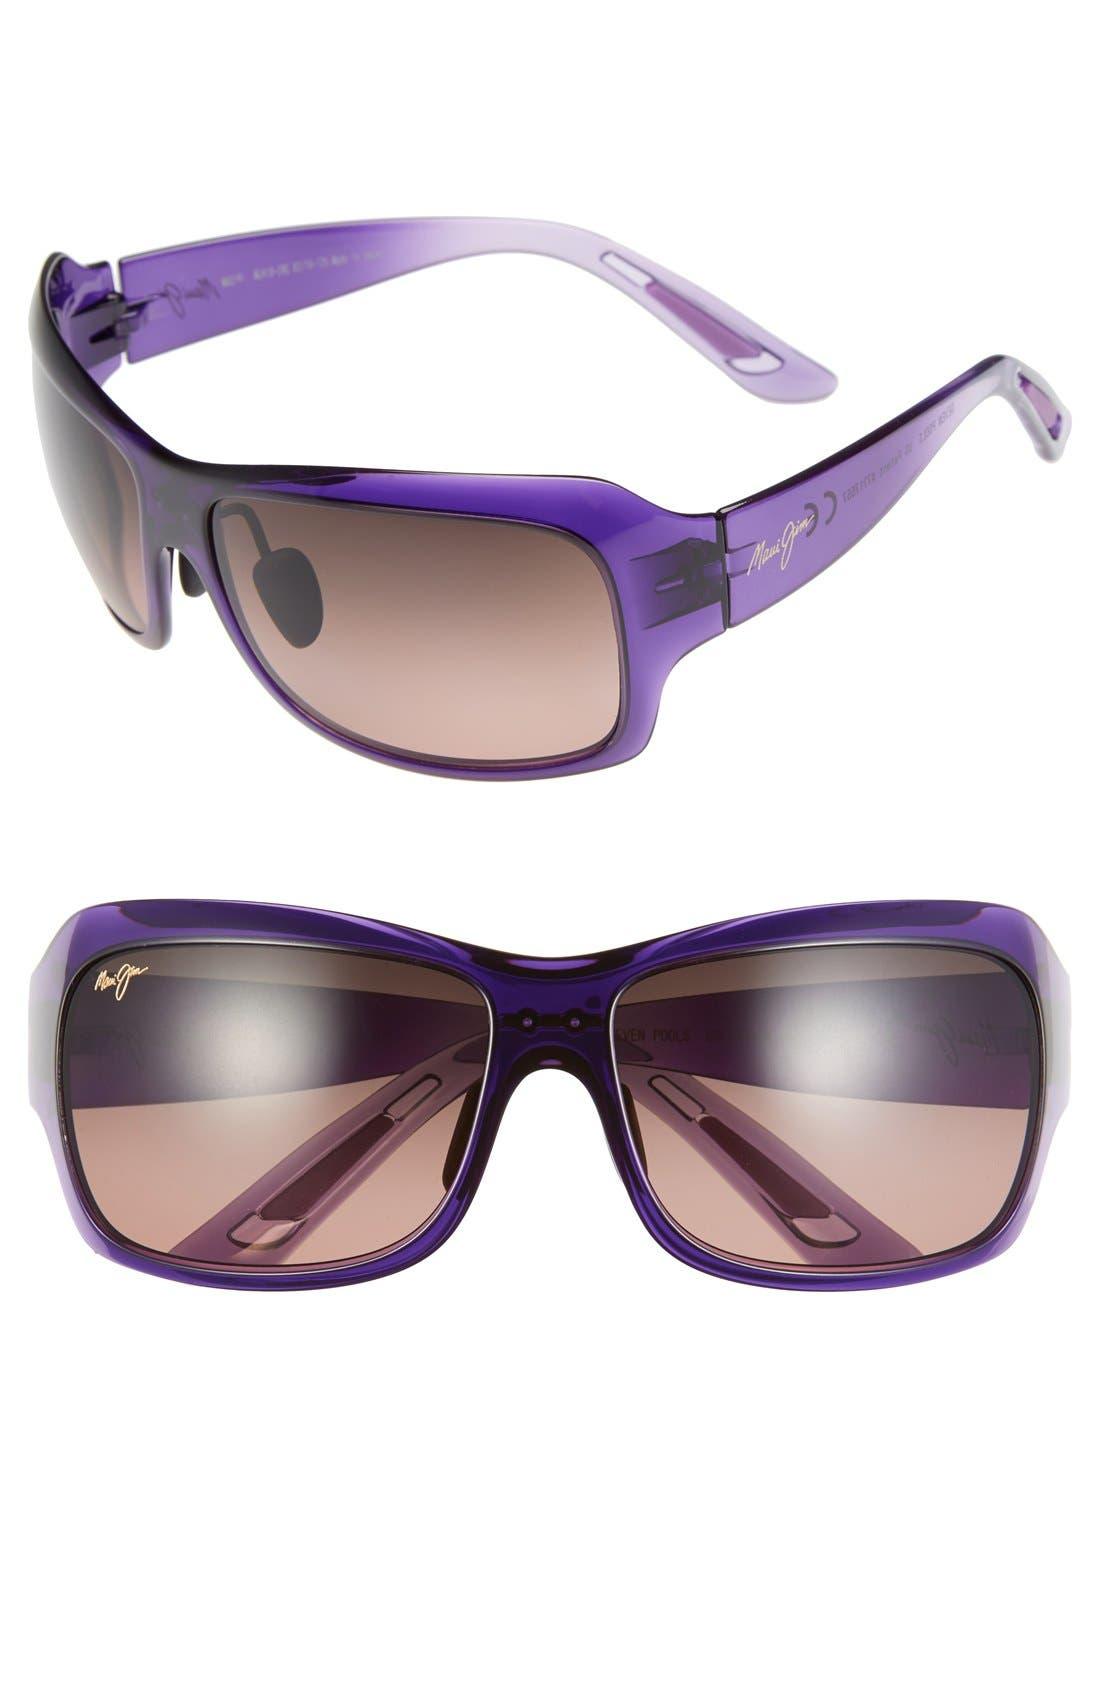 Maui Jim Seven Pools 62mm PolarizedPlus2® Sunglasses